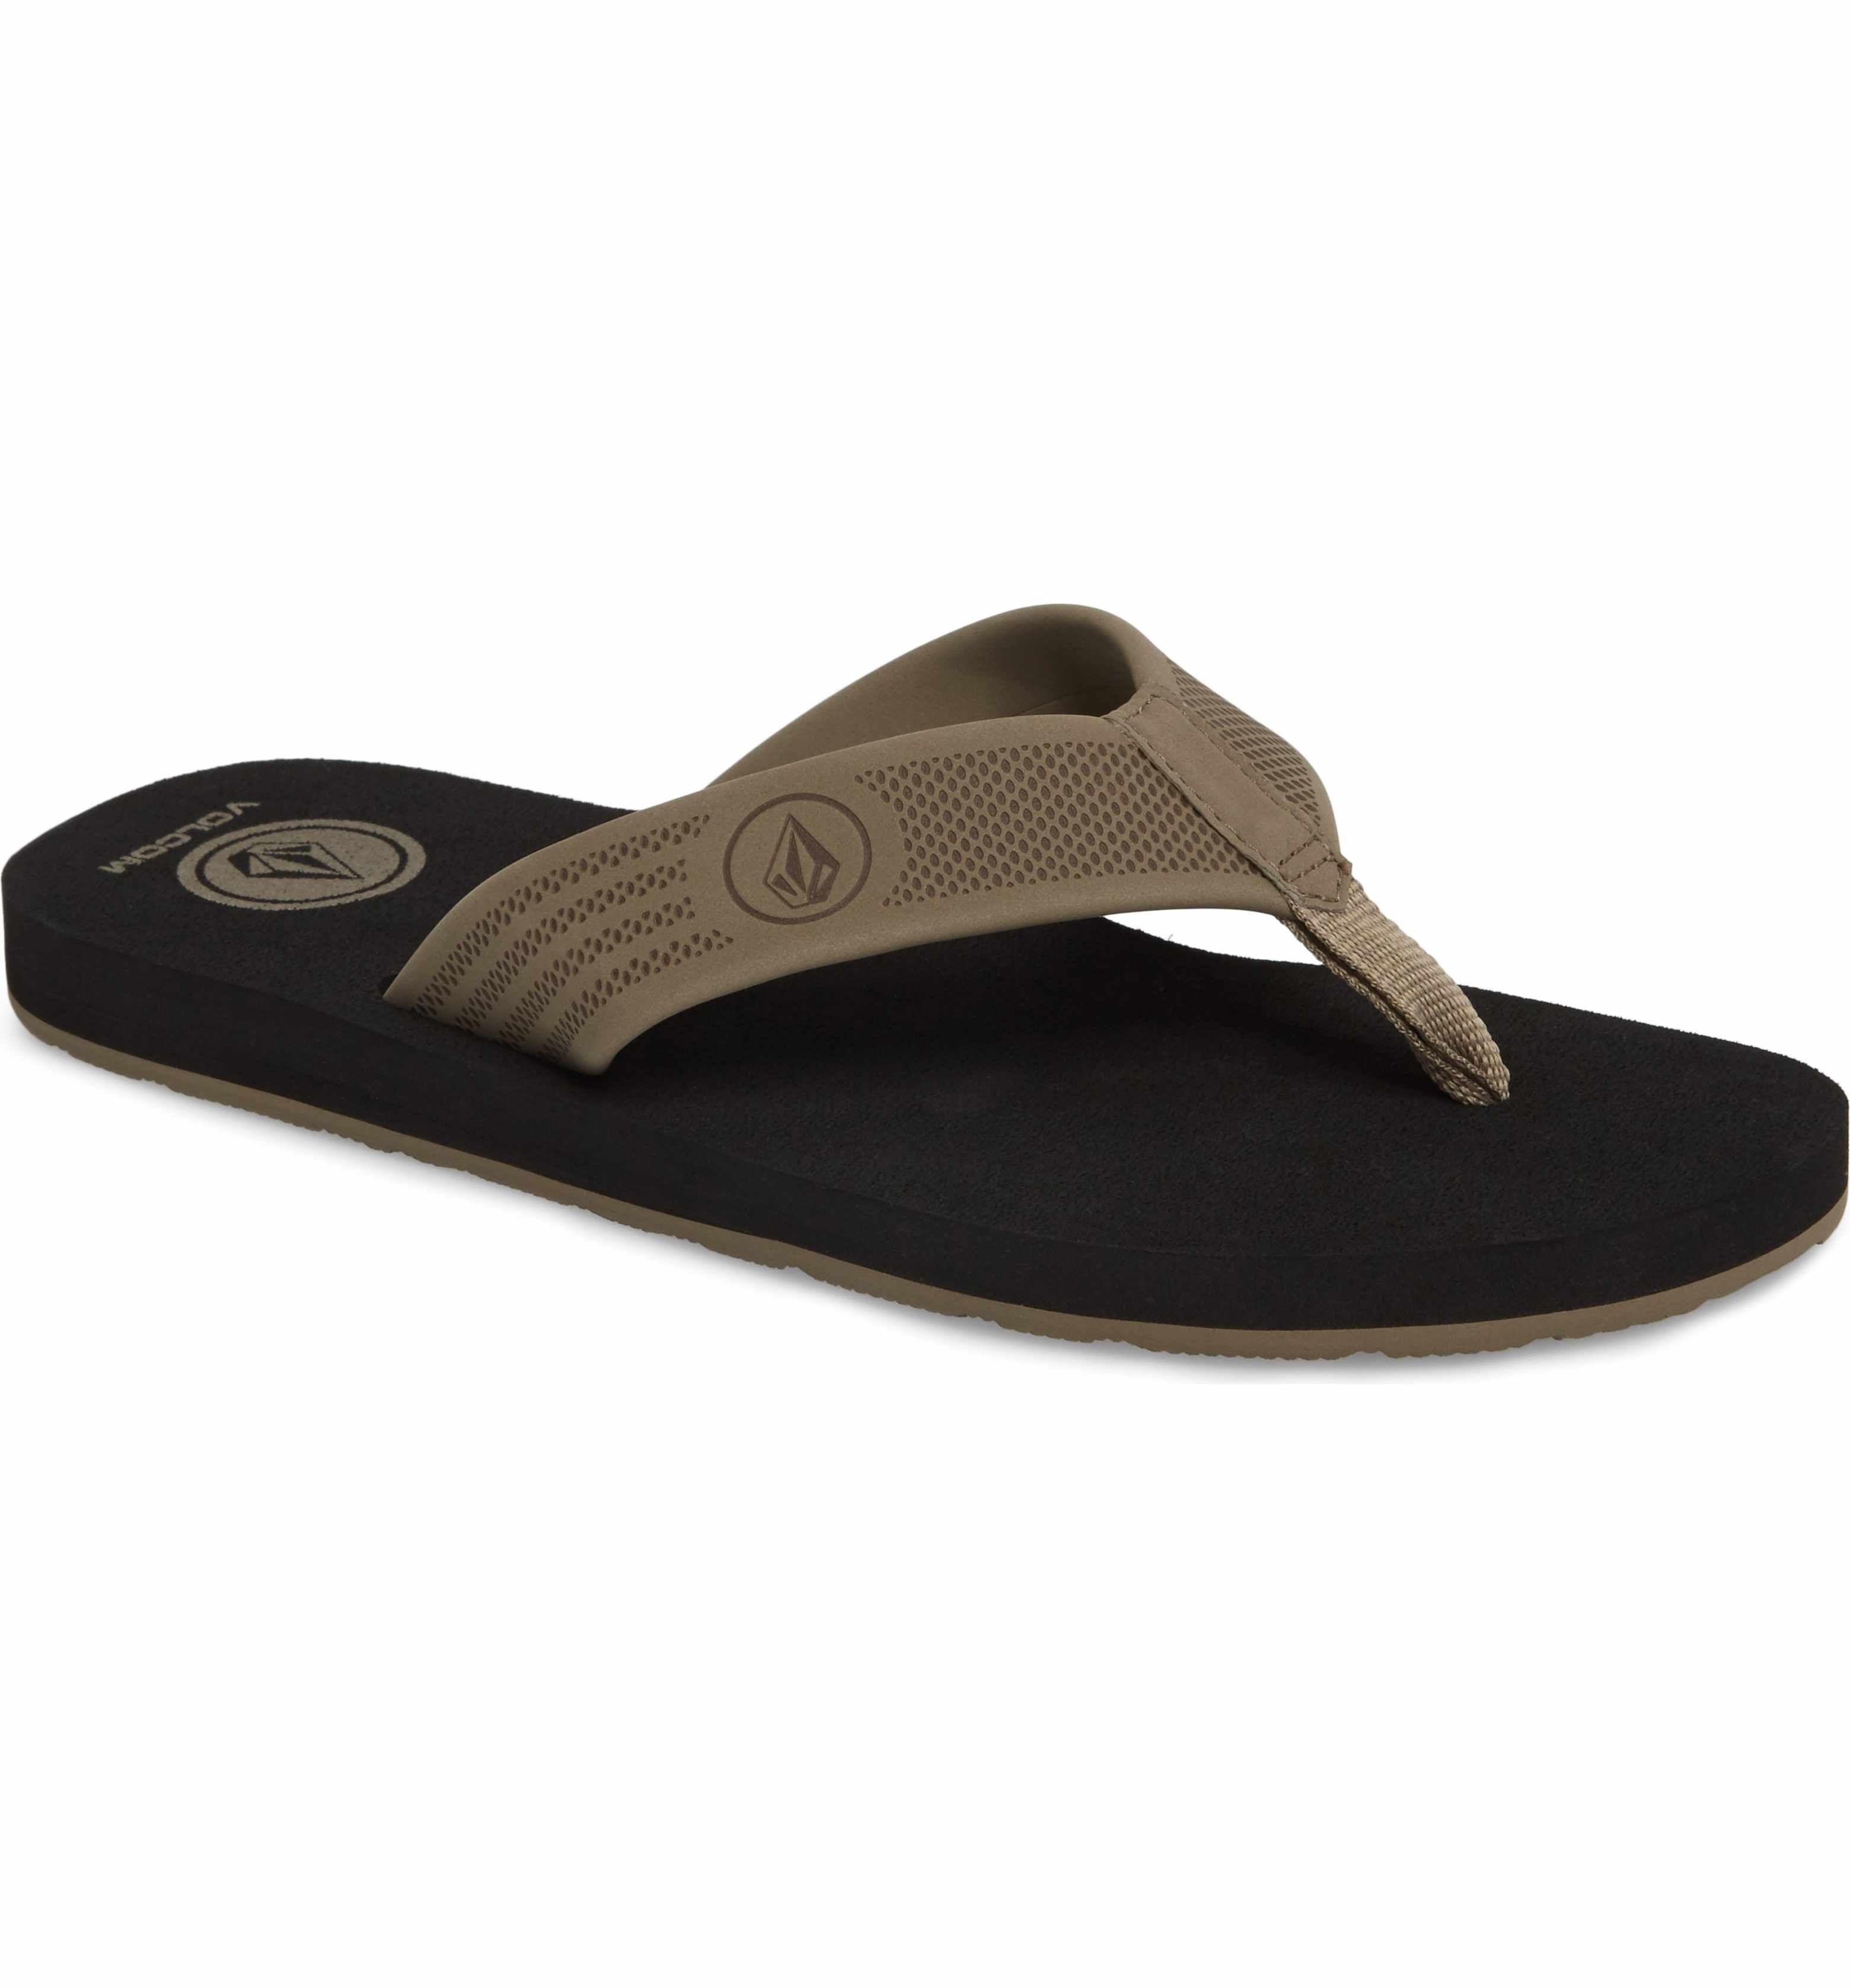 Volcom Mens Daycation Flip Flop Sandal